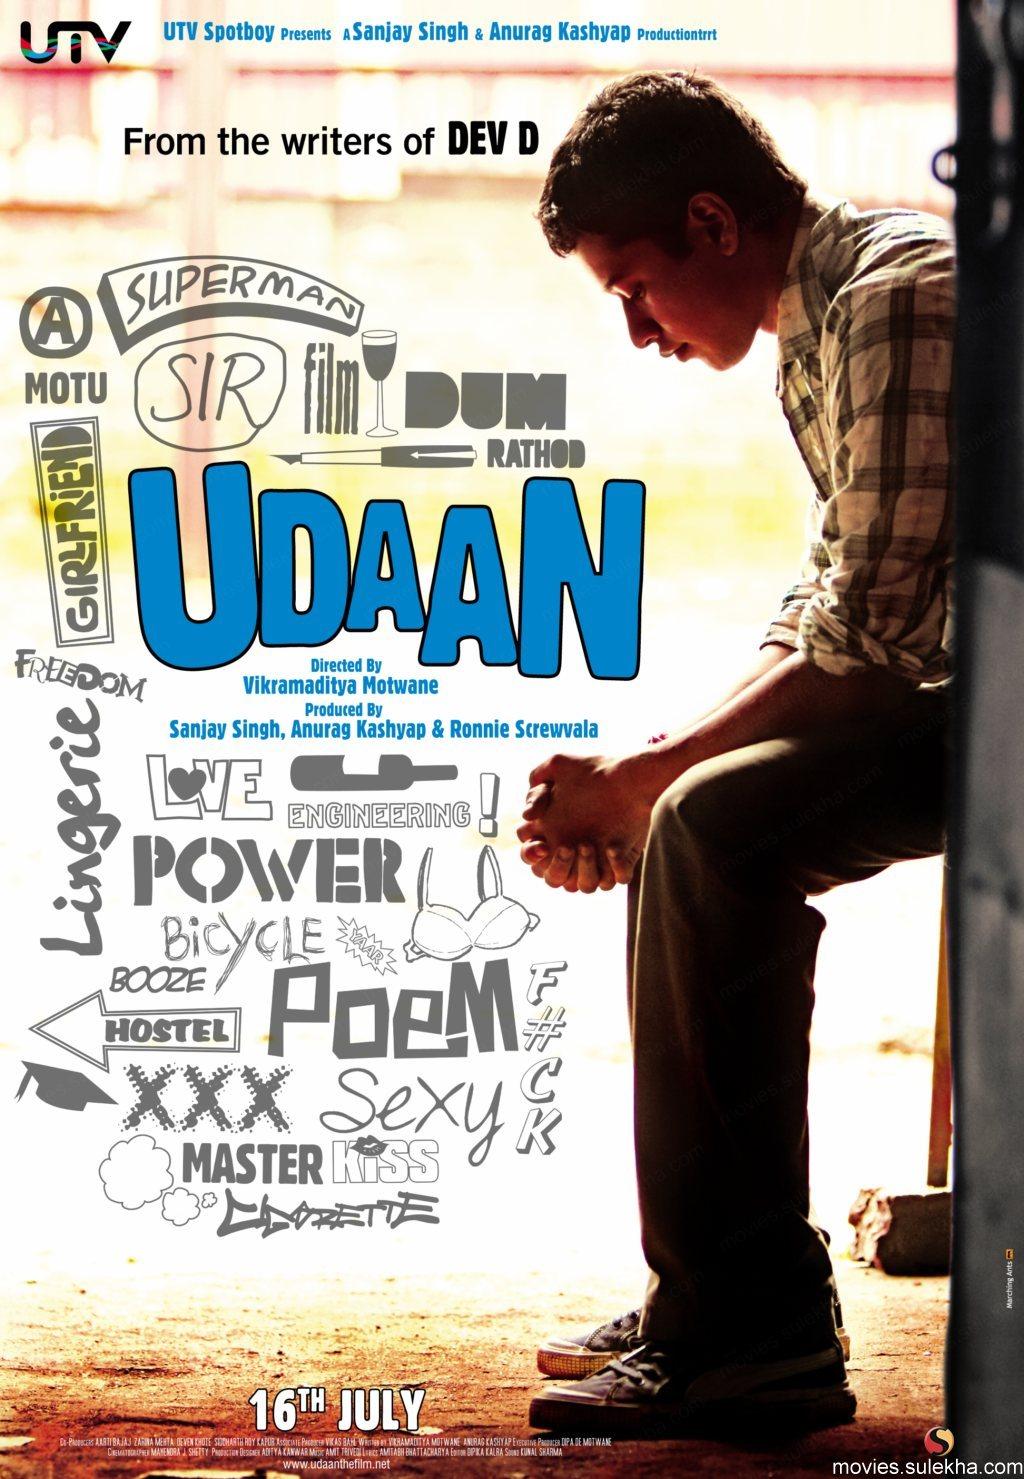 http://4.bp.blogspot.com/_yecCxfPB5eo/TDBM-aoQSvI/AAAAAAAACmI/uc652OqoGoY/s1600/udaan-wallpapers04.jpg